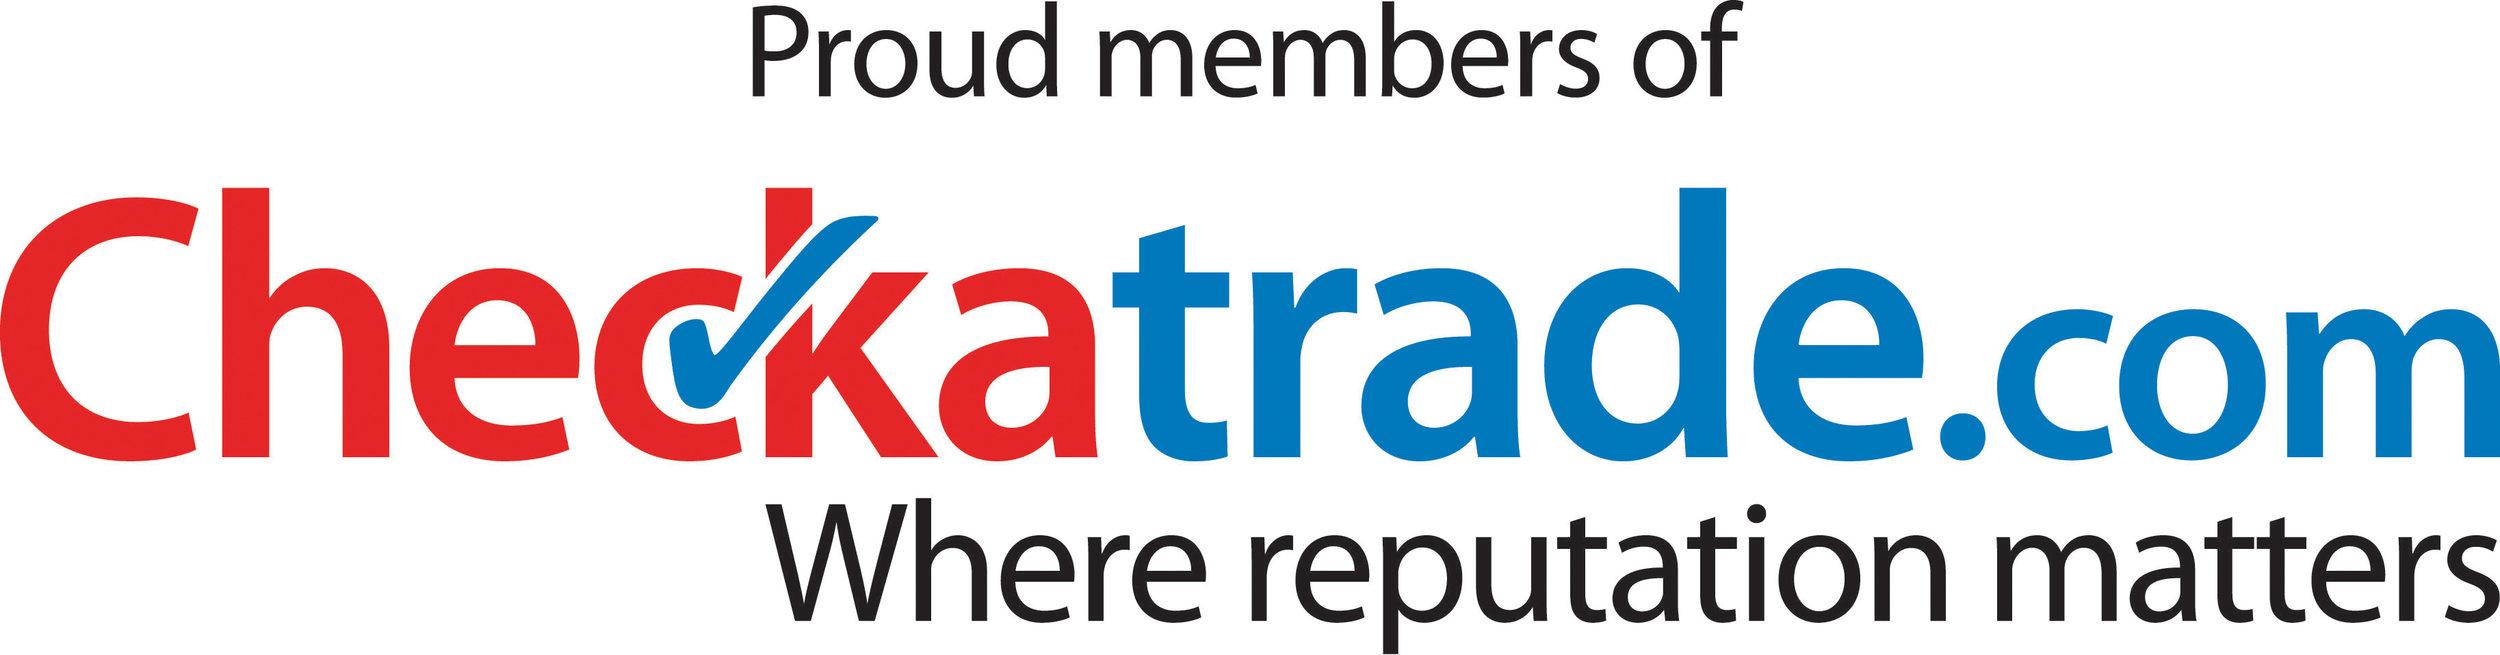 CheckaTrade-Logo1.jpg